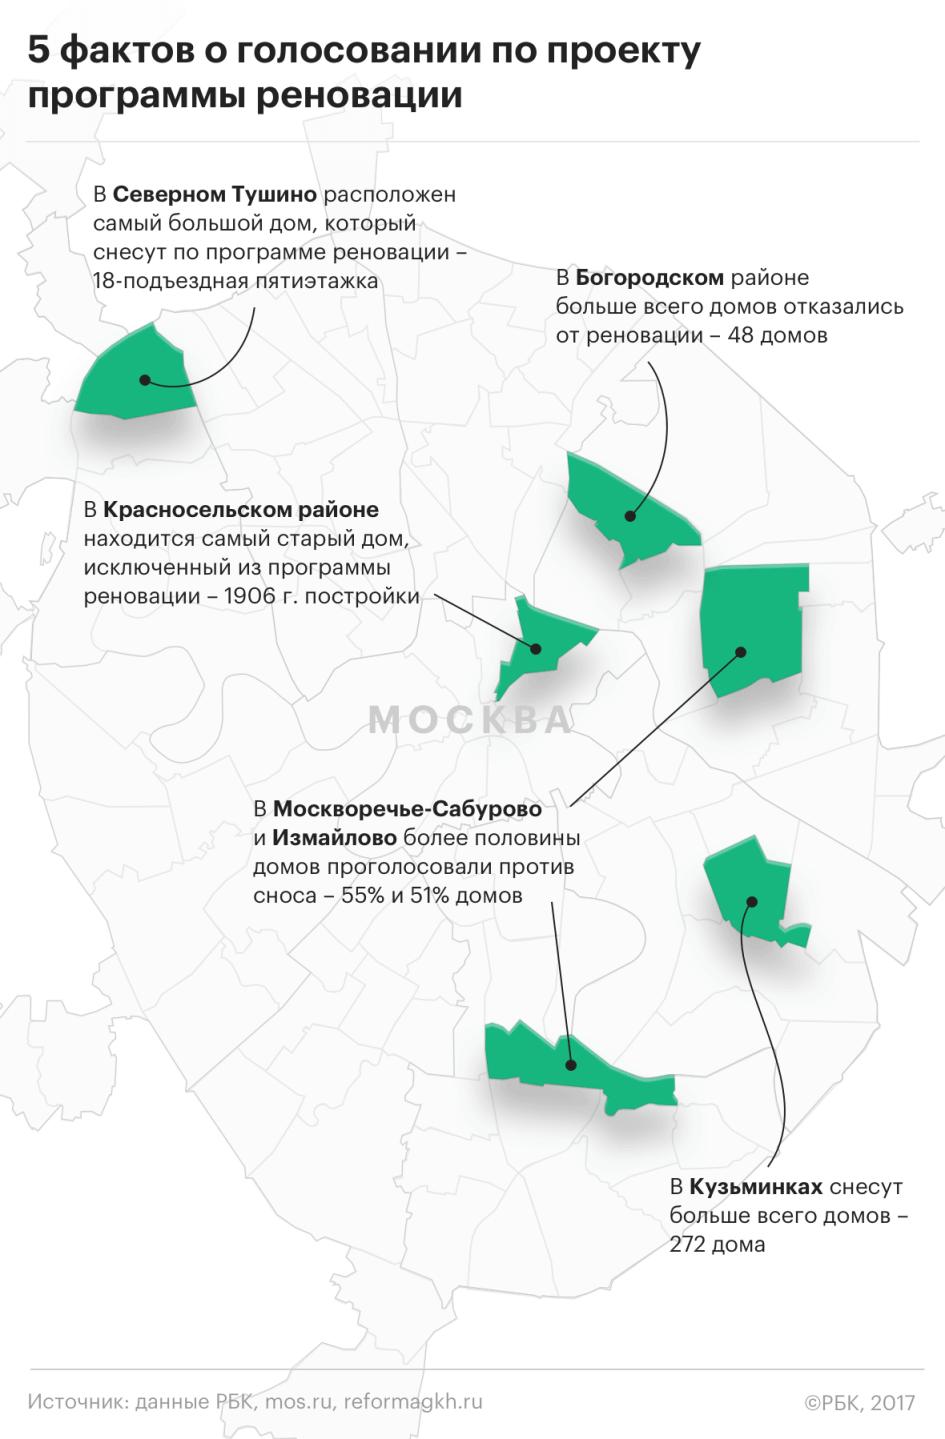 Реновационное голосование: политика и близость дома к метро не повлияли на решение, сносить или не сносить